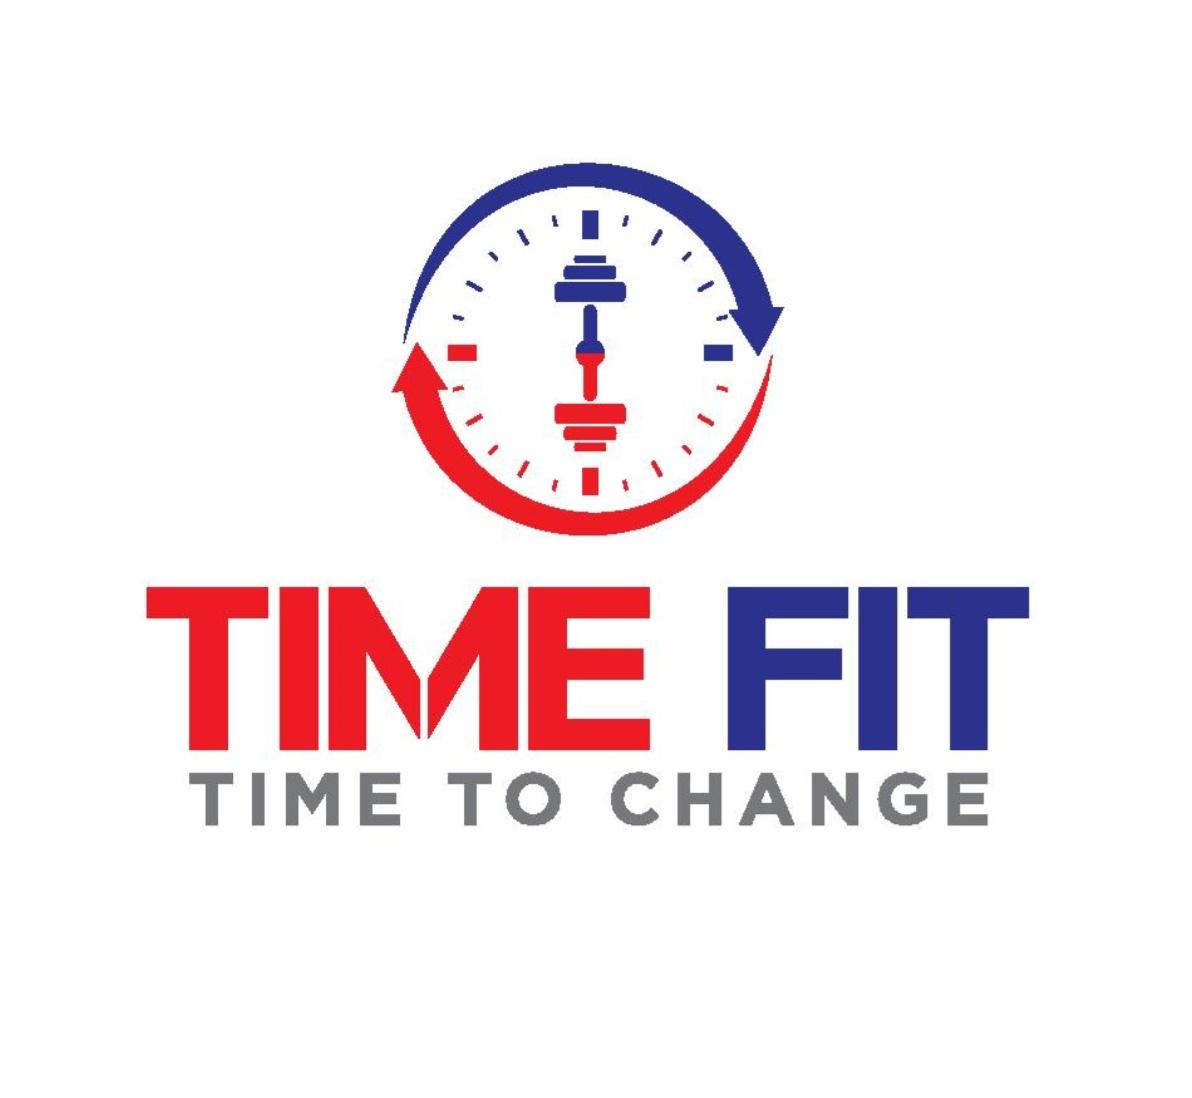 Timefit